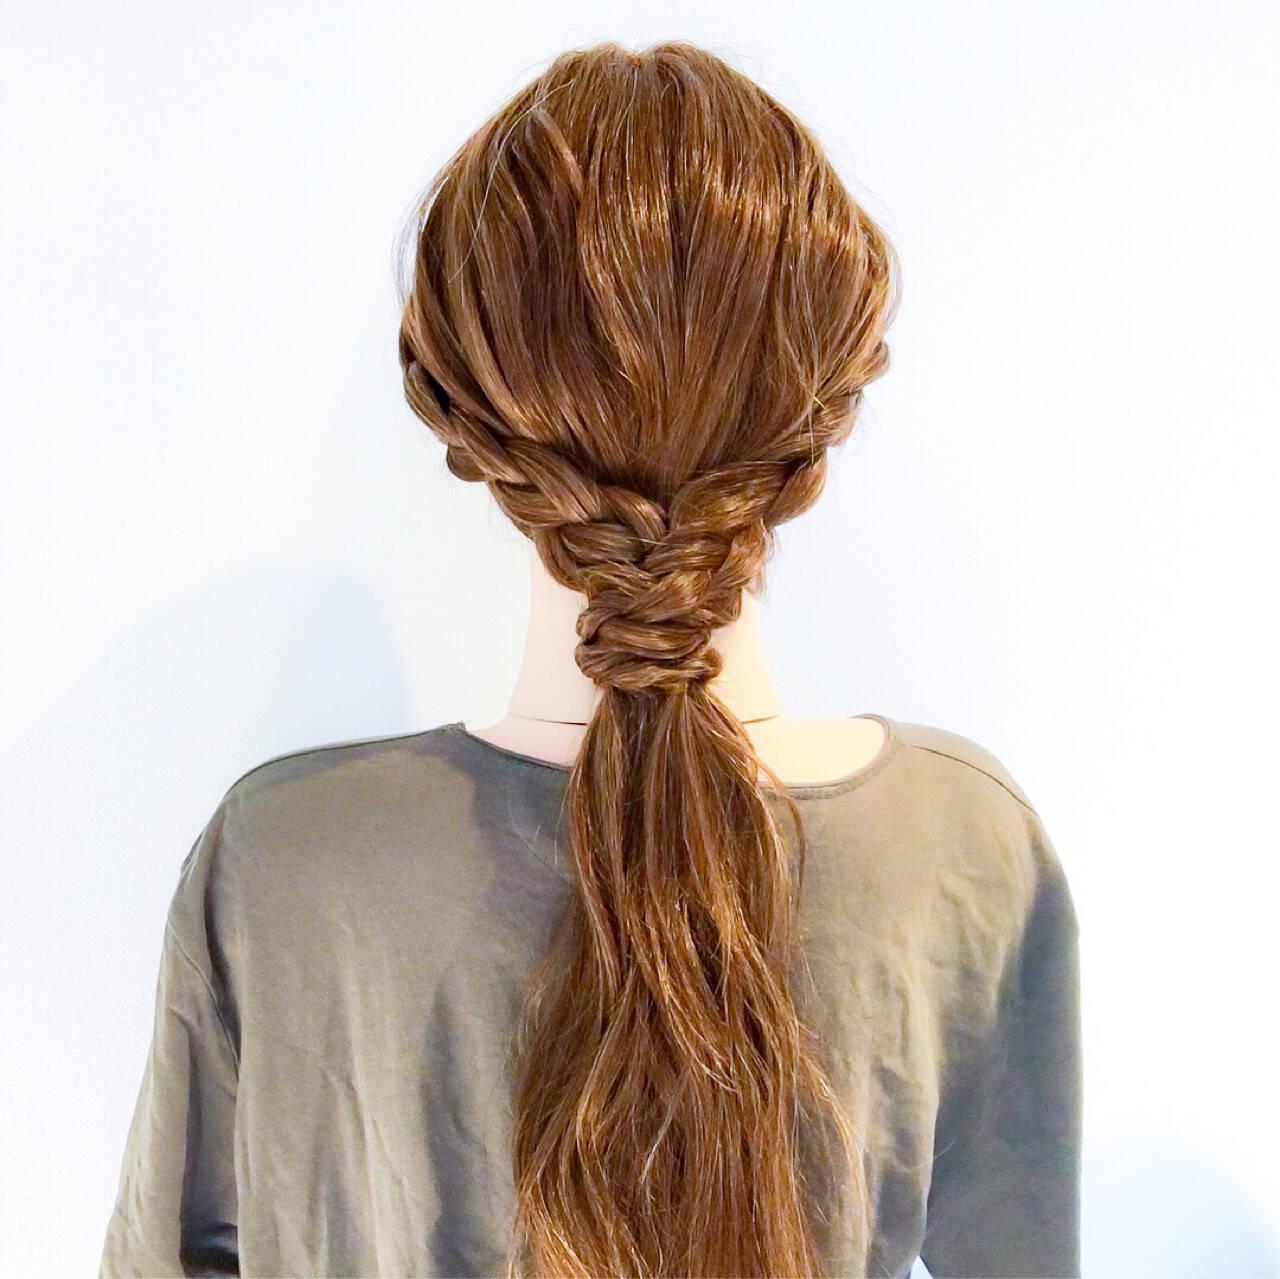 フェミニン 簡単ヘアアレンジ 結婚式 ヘアアレンジヘアスタイルや髪型の写真・画像